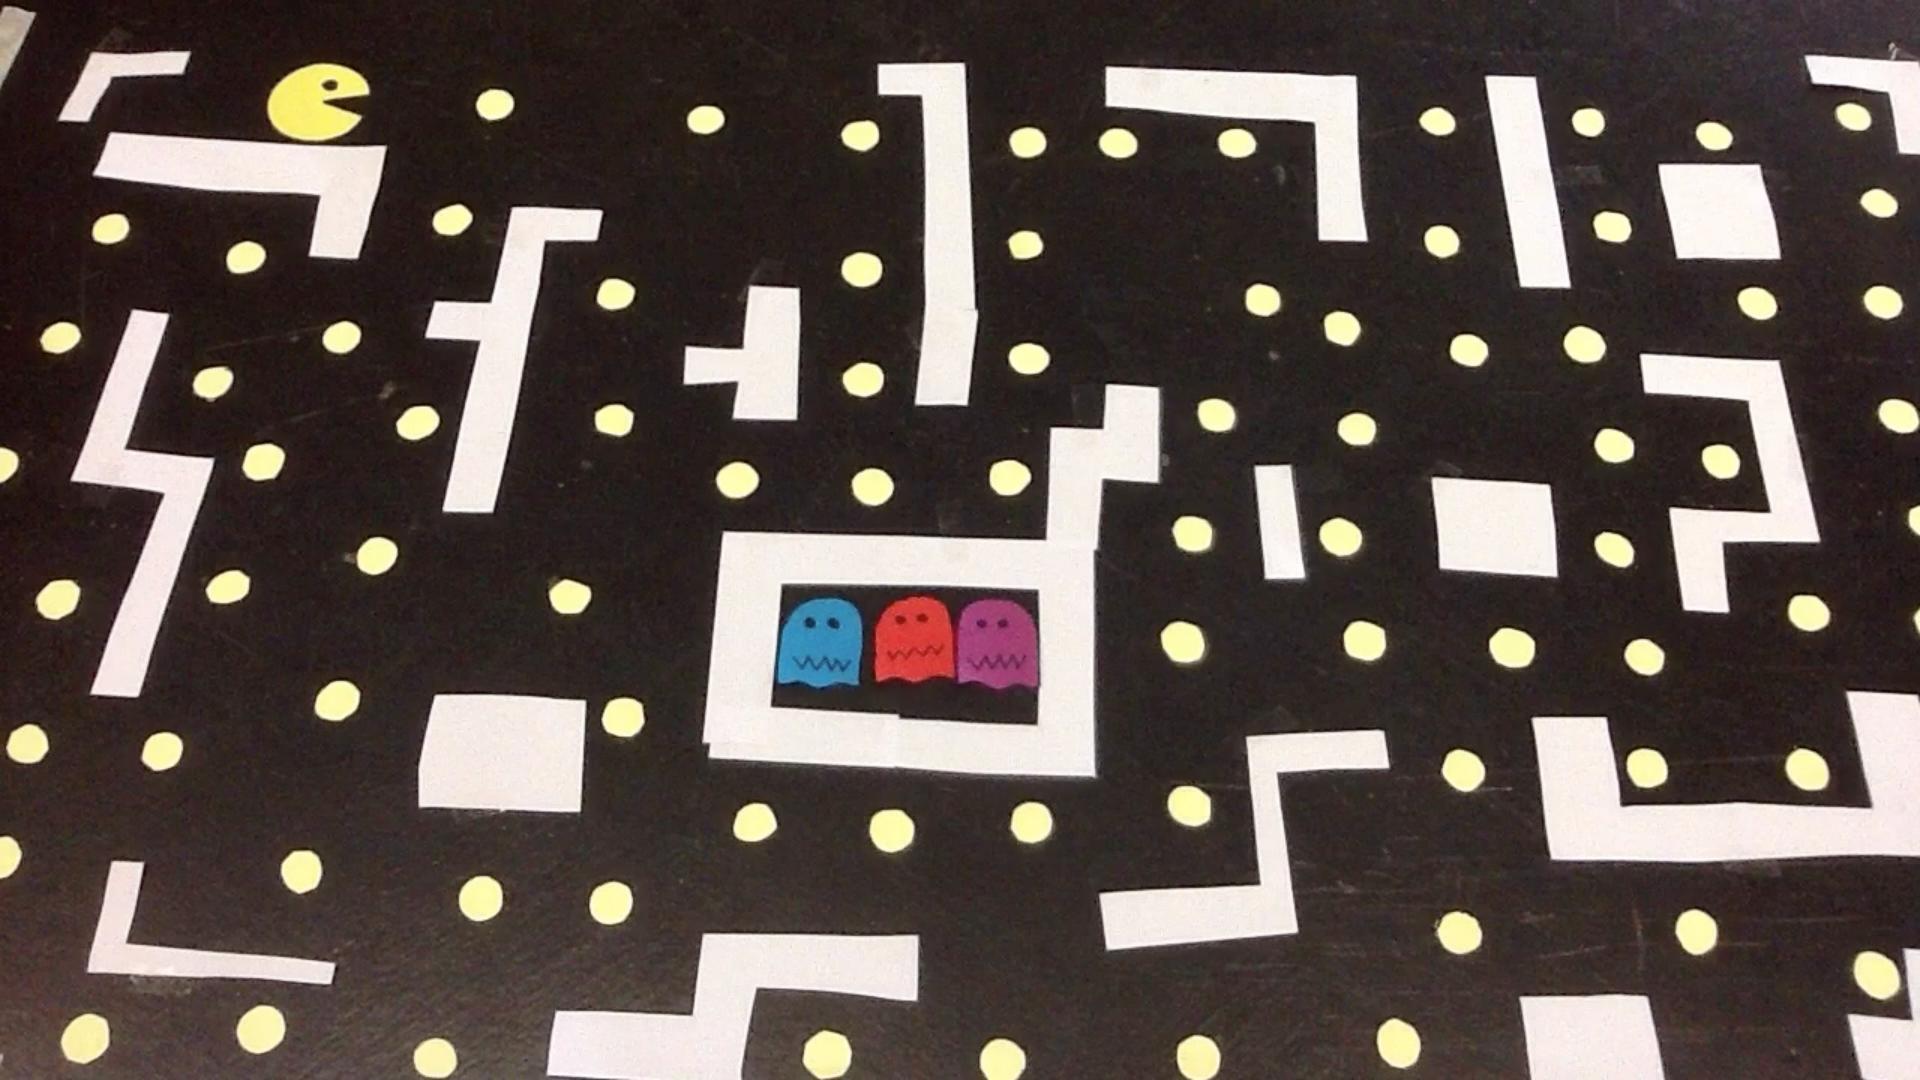 """Ergebnis eines Legetrick-Workshops im Stil eines """"Pacman"""" Videospiels"""